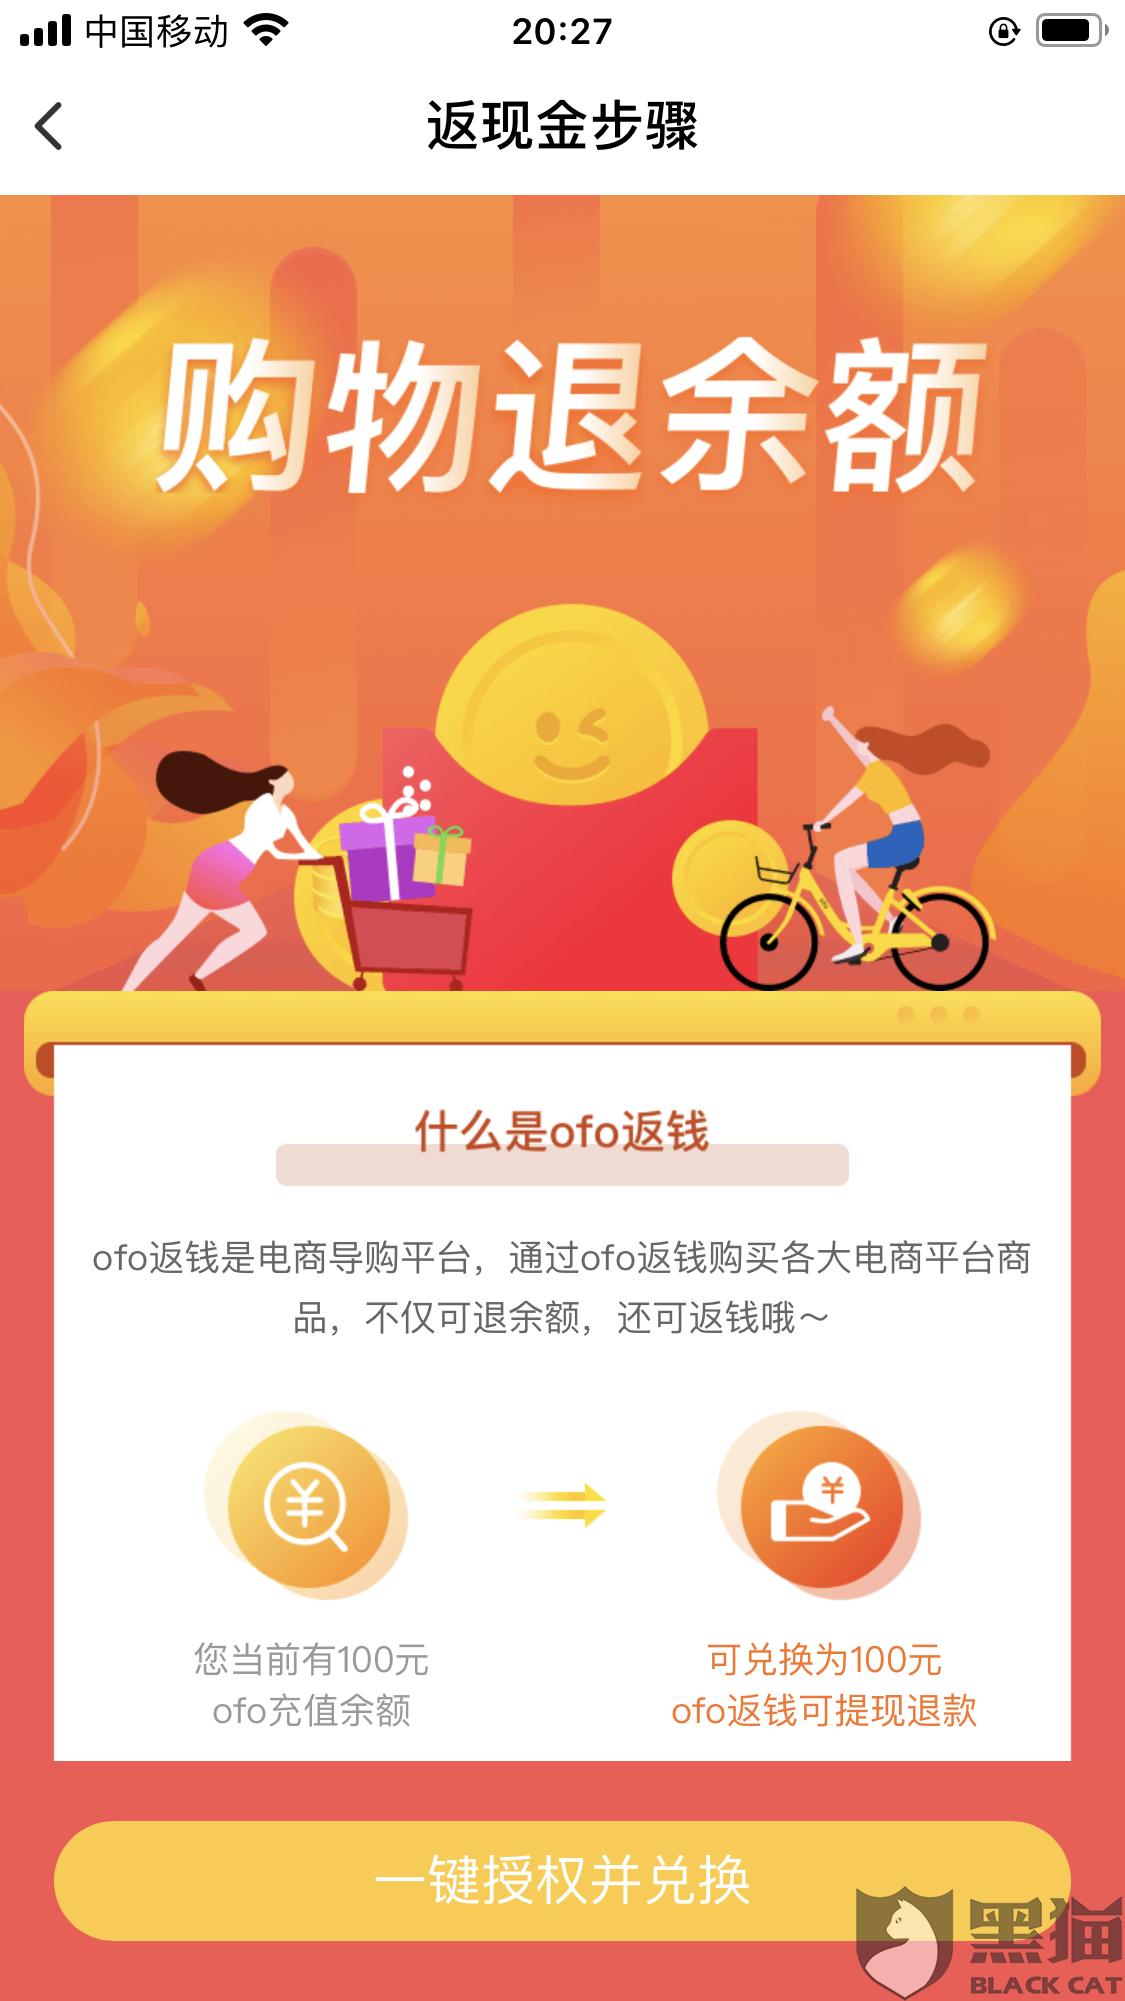 北京市交委立案调查ofo小黄车 用户:更关心押金能不能拿回